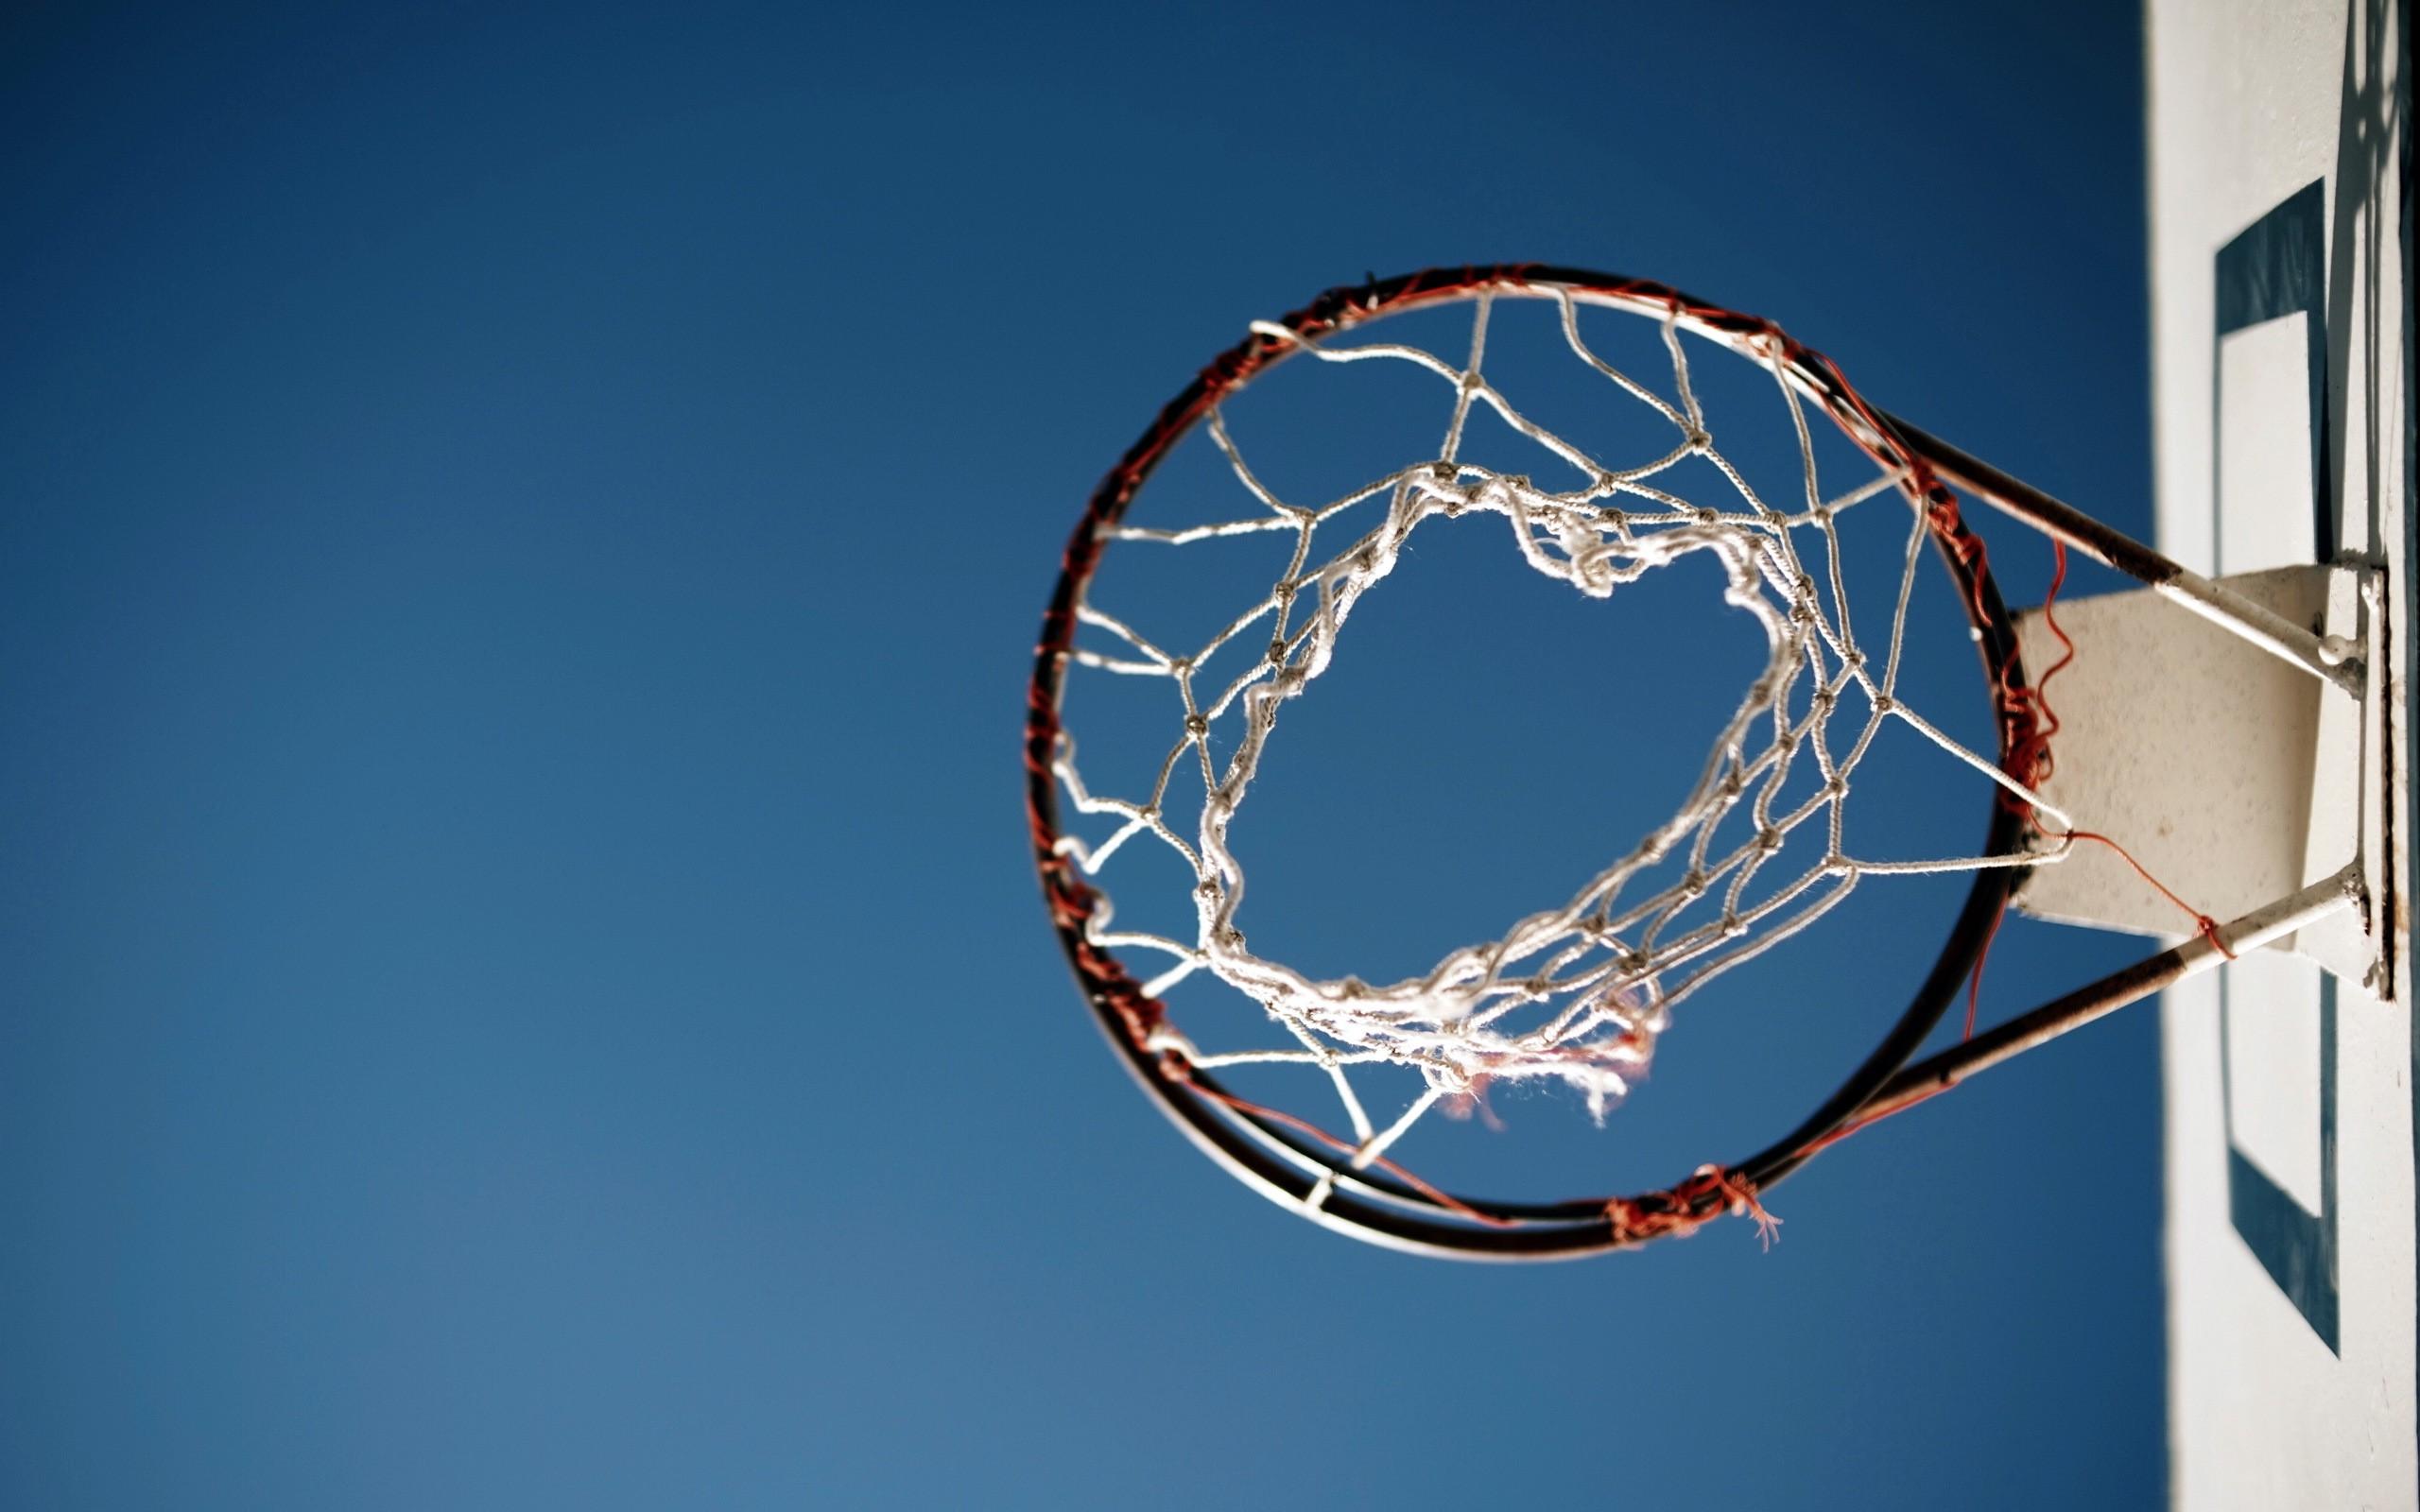 バスケットボールネット壁紙hd Iphone 壁のためのスポーツの壁紙 2560x1600 Wallpapertip